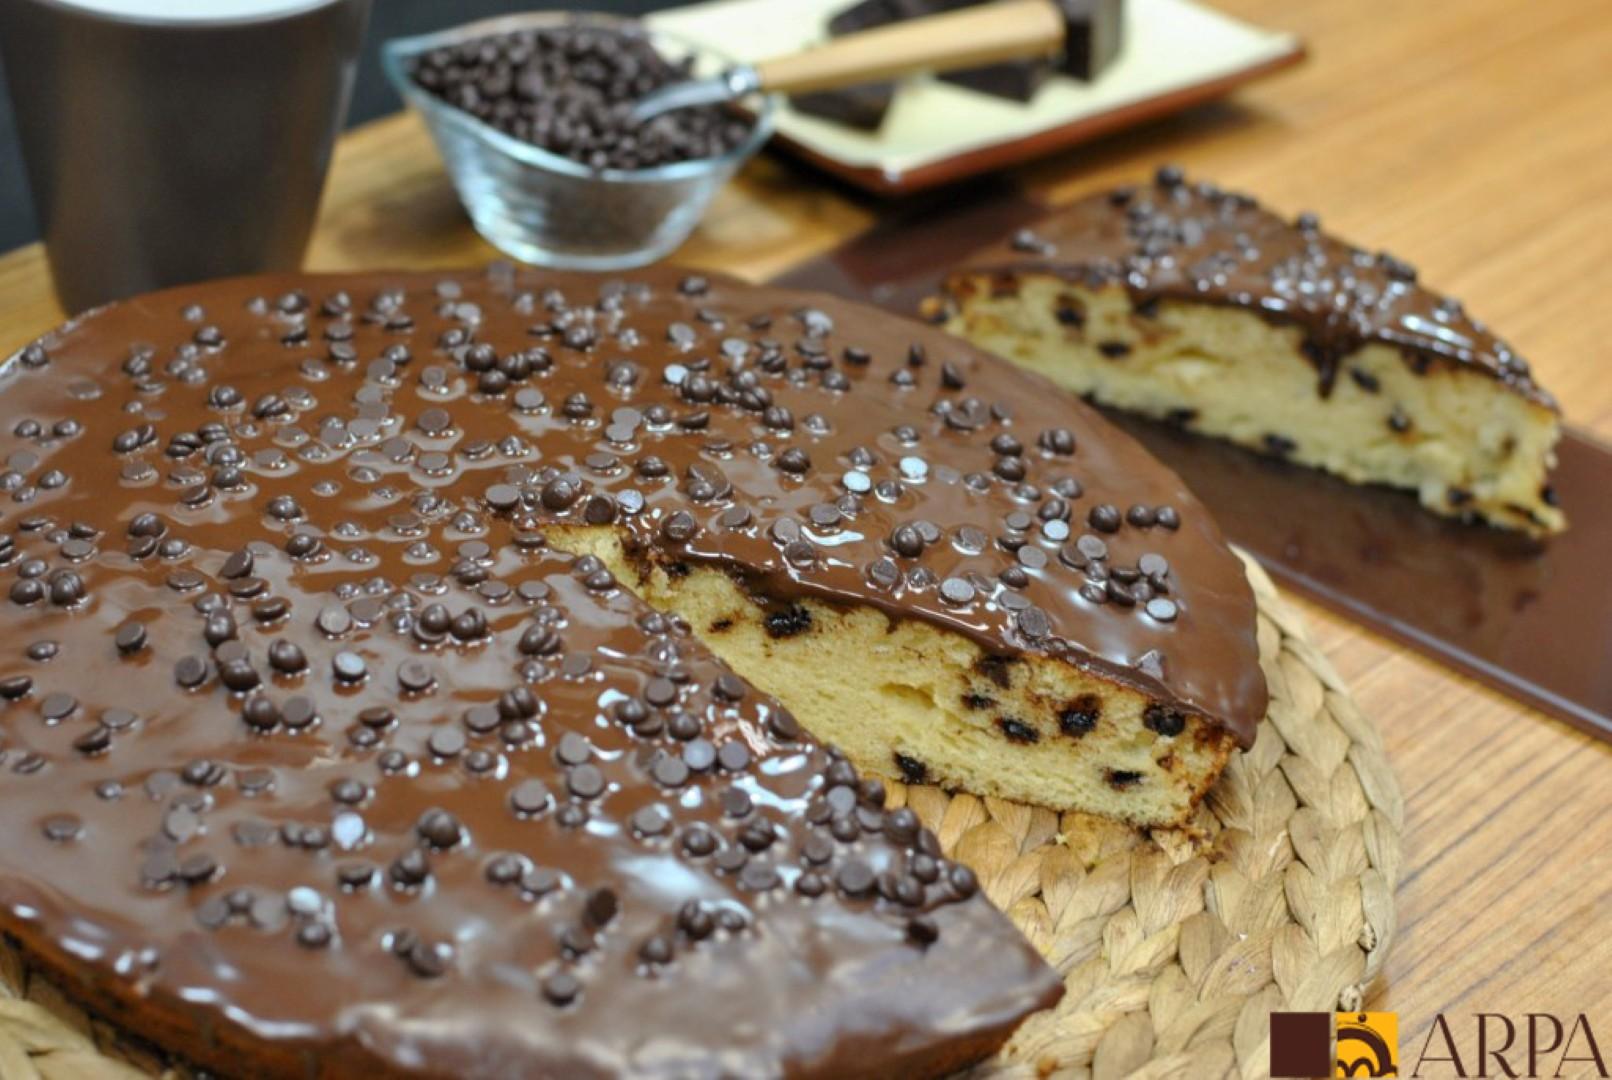 Tarta de bizcocho relleno de perlas de chocolate y cubierto de chocolate negro fundido